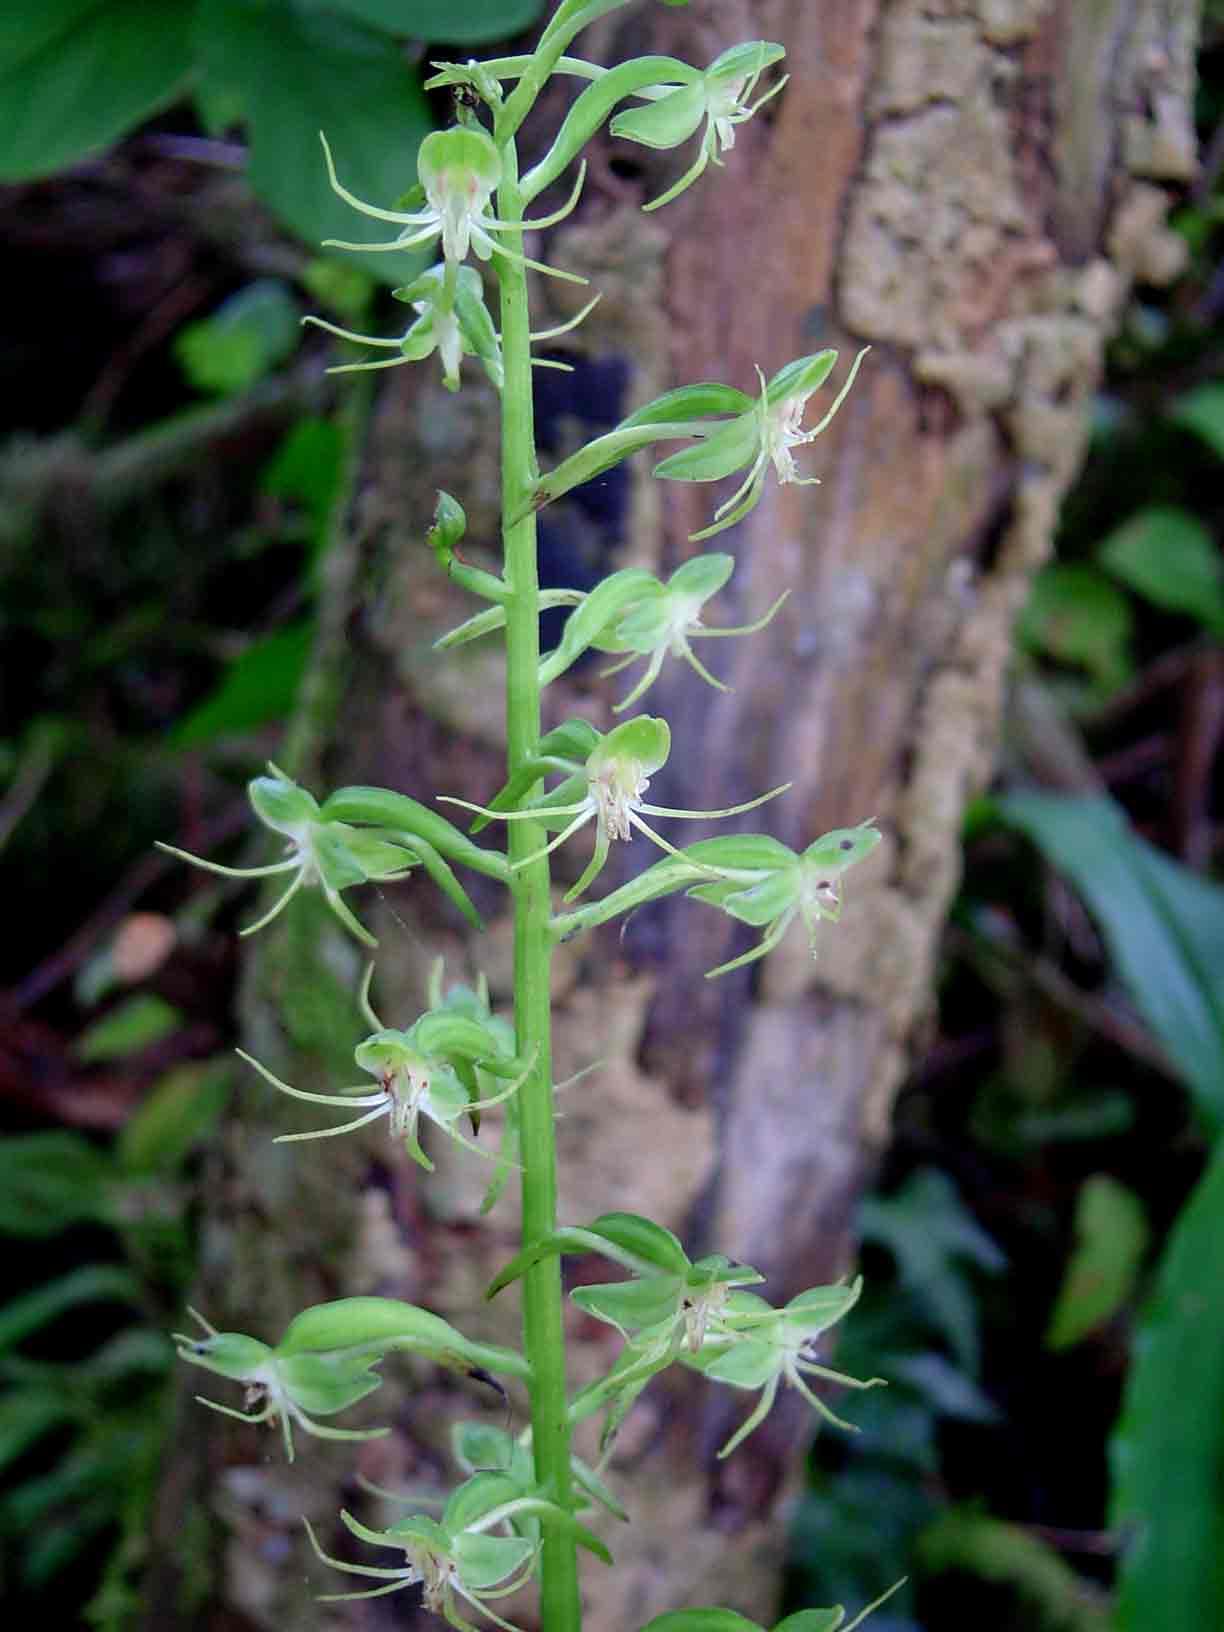 Habenaria malacophylla